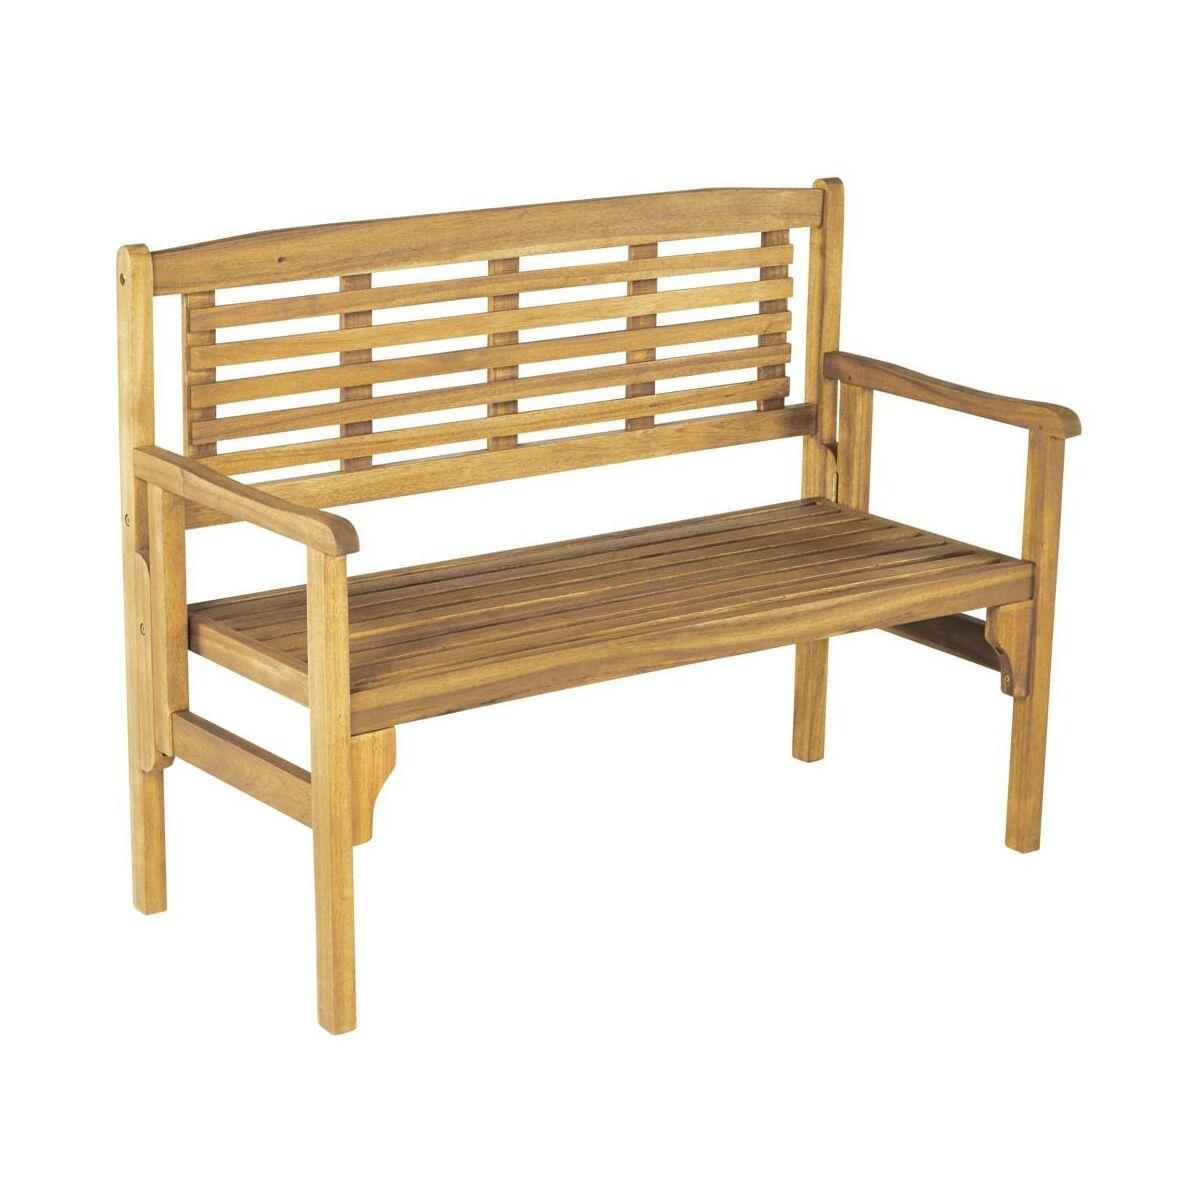 Ogromny Ławka ogrodowa drewniana PORTO NATERIAL składana - Krzesła, fotele DF48